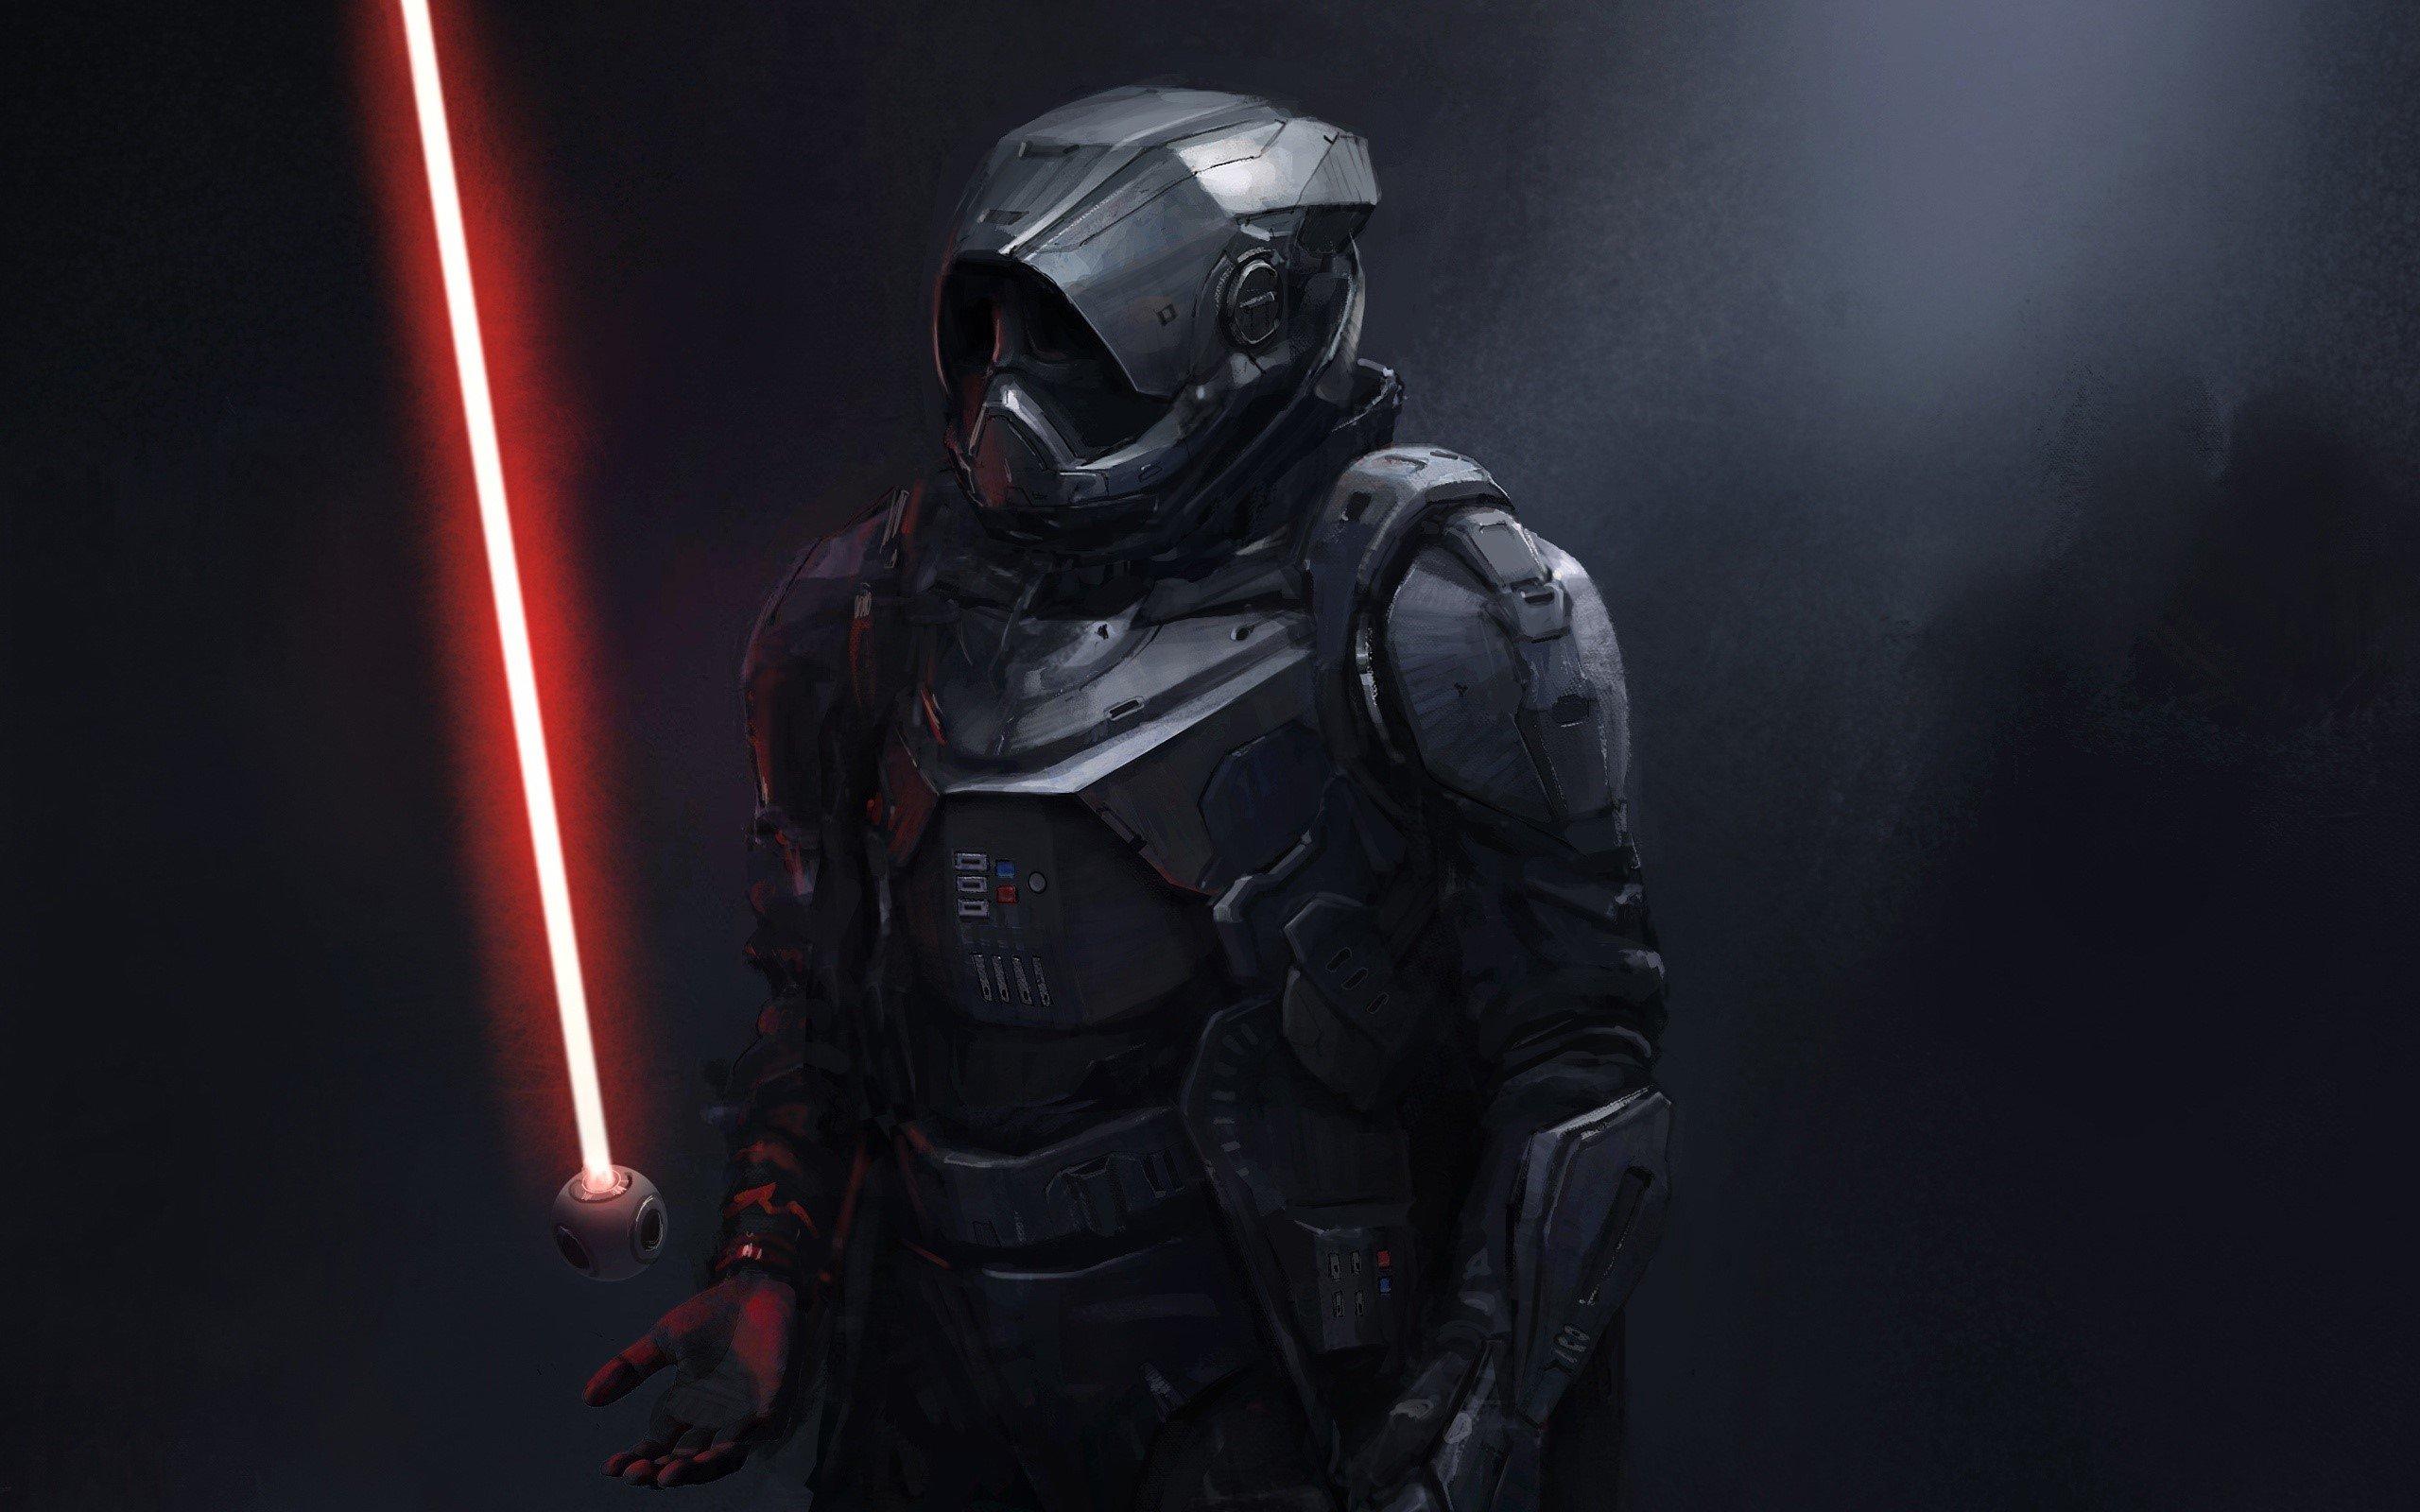 Fondo de pantalla de Darth Vader Anakin Skywalker Imágenes